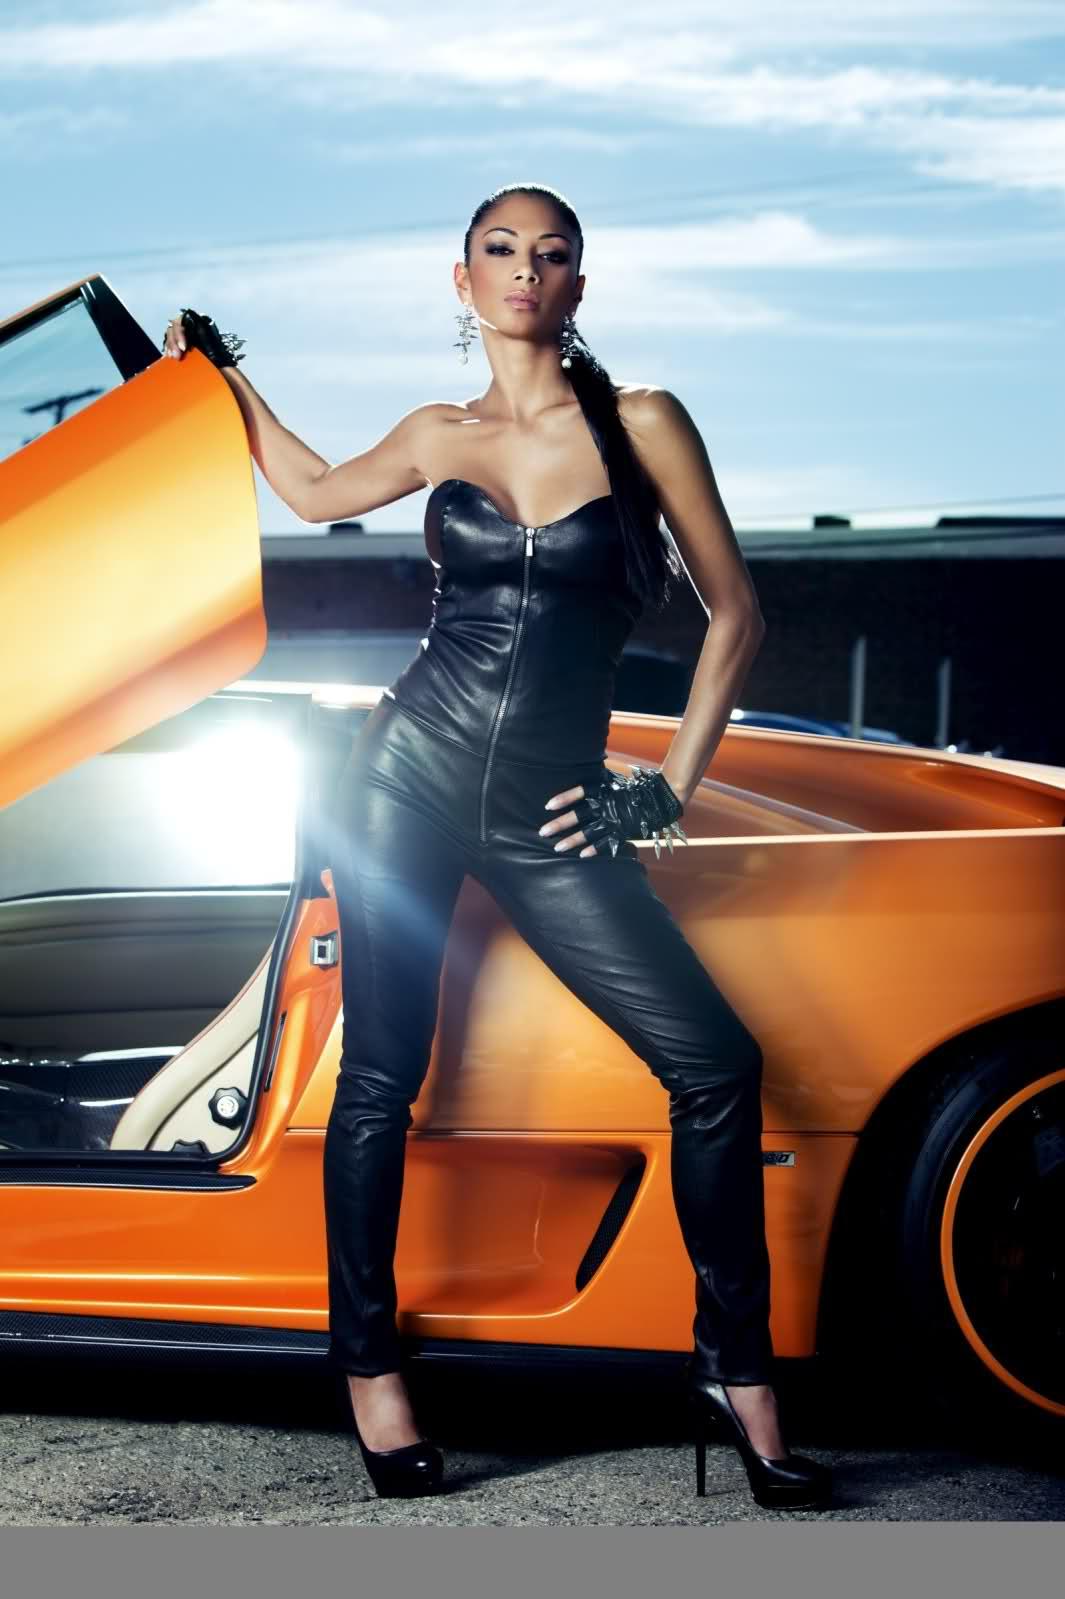 Lamborghini Diablo a Nicole Scherzinger 3